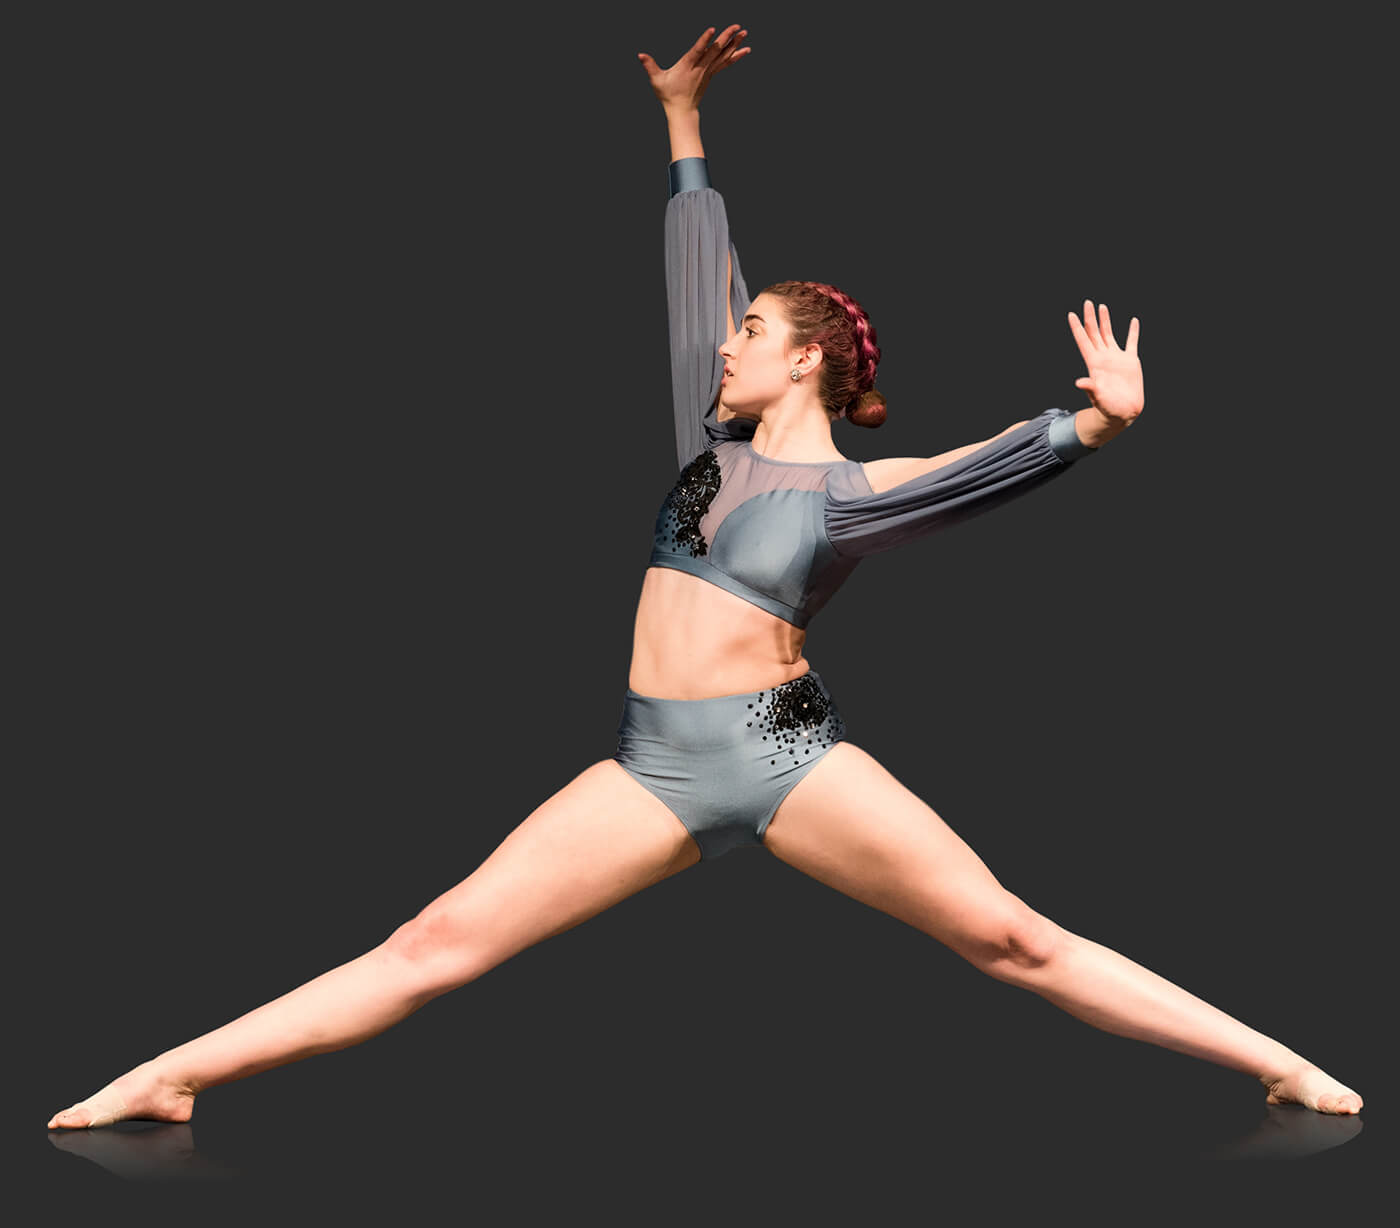 Dancer posed in a half split